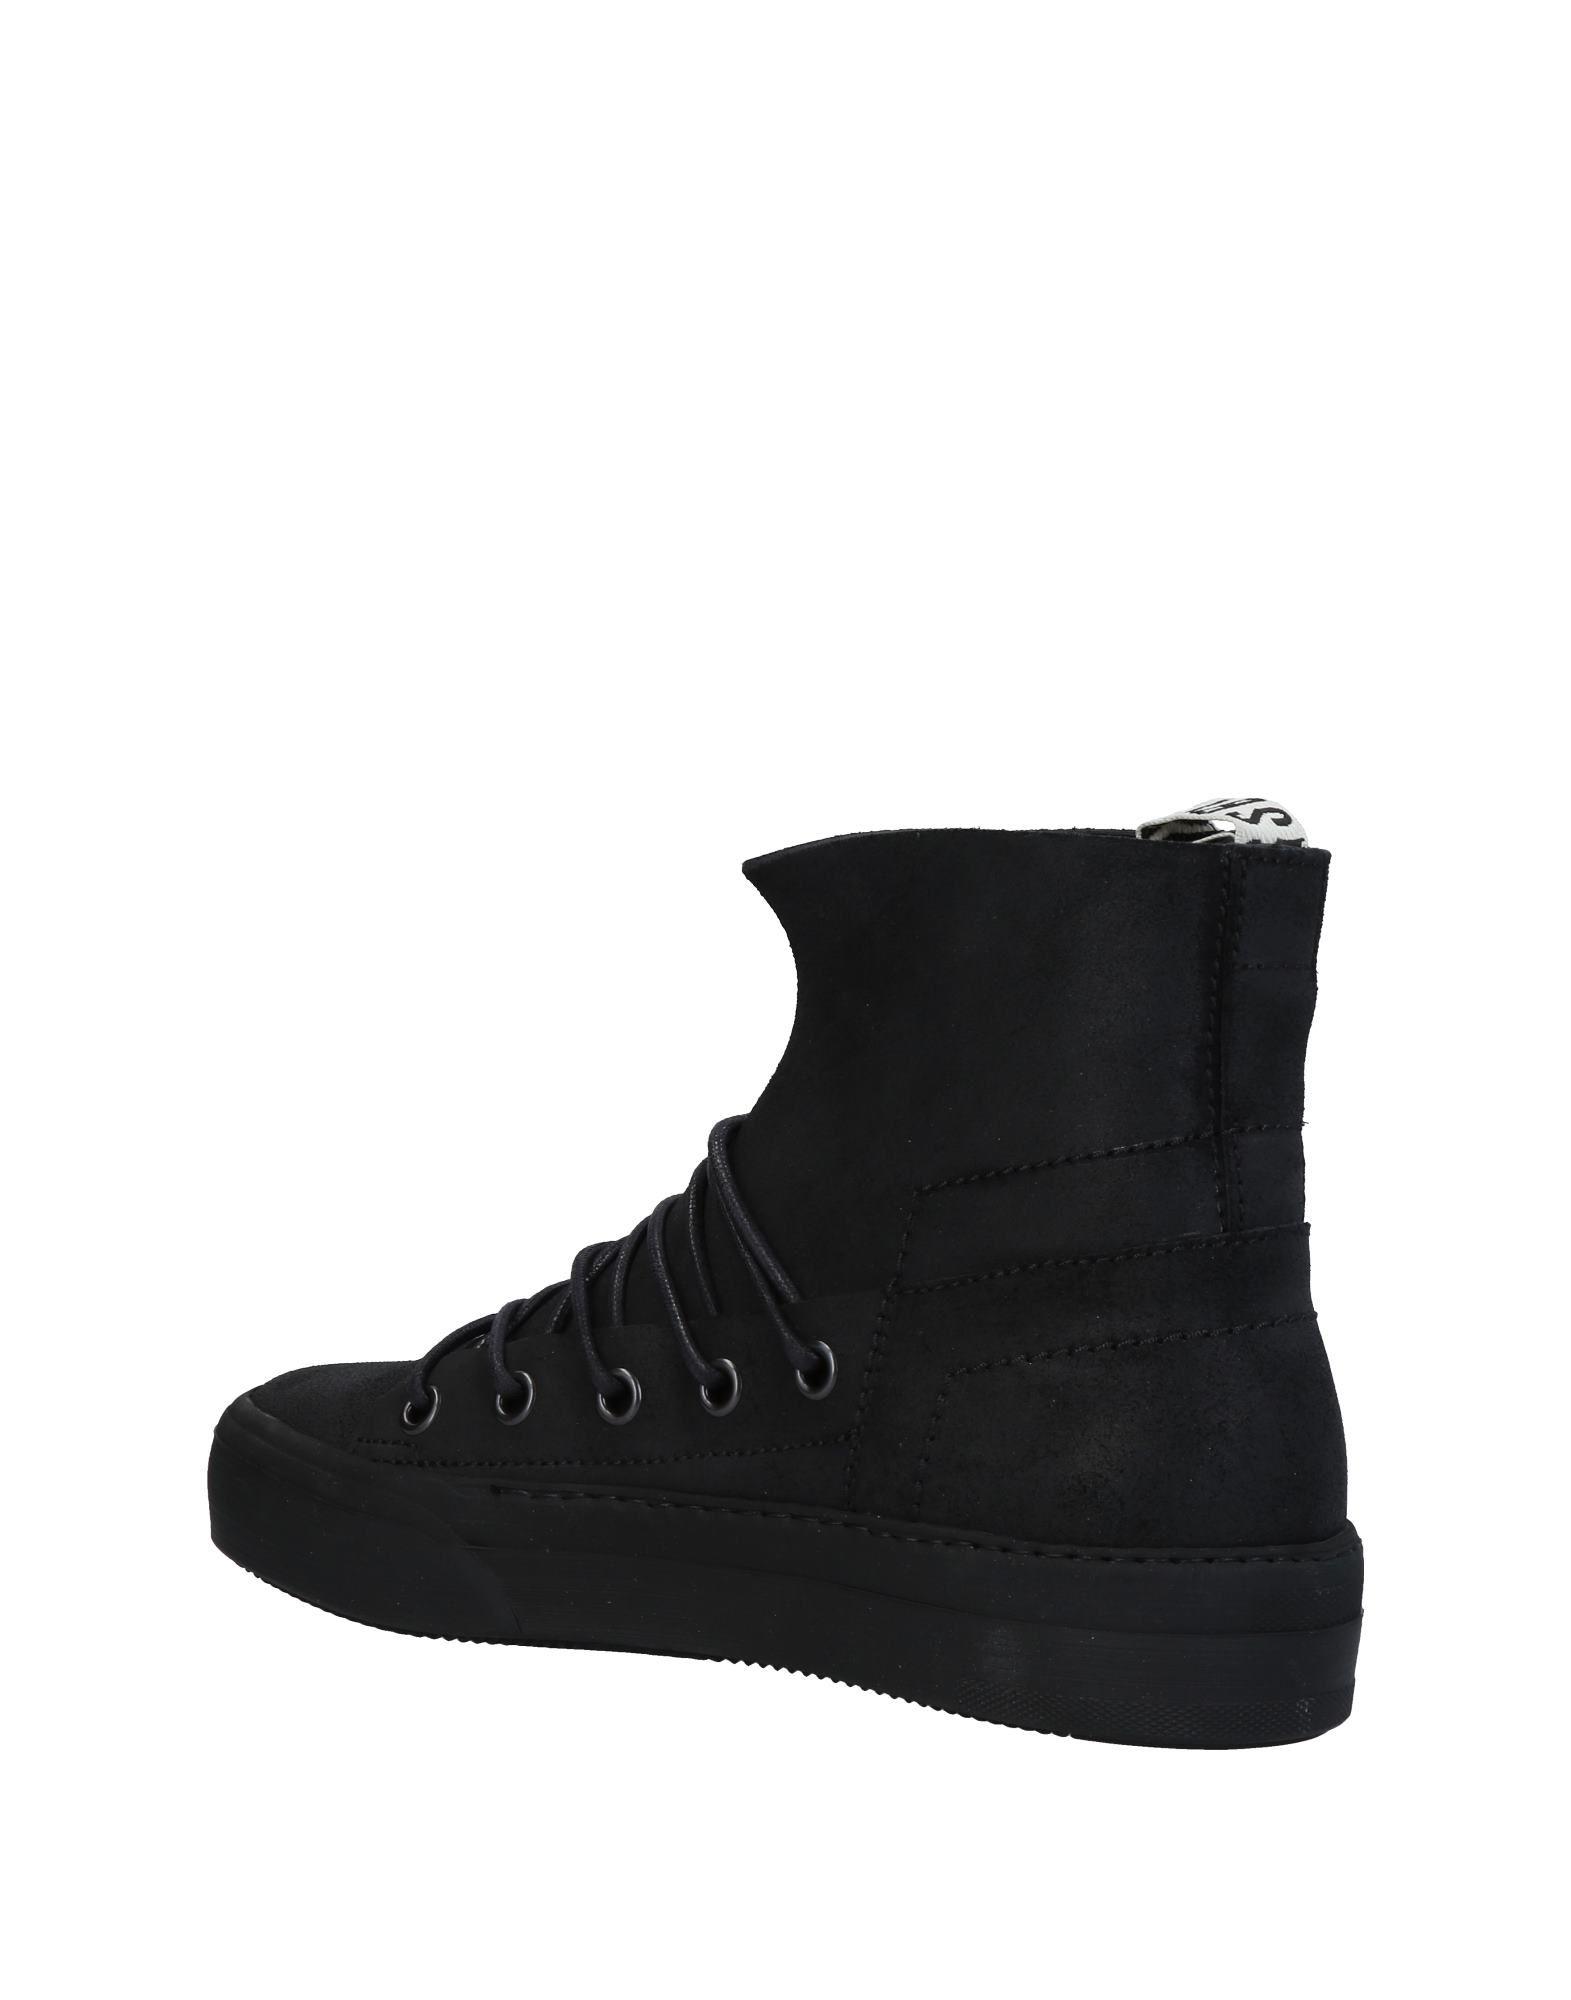 Bikkembergs Sneakers Herren  11450638HM 11450638HM  Heiße Schuhe b67019